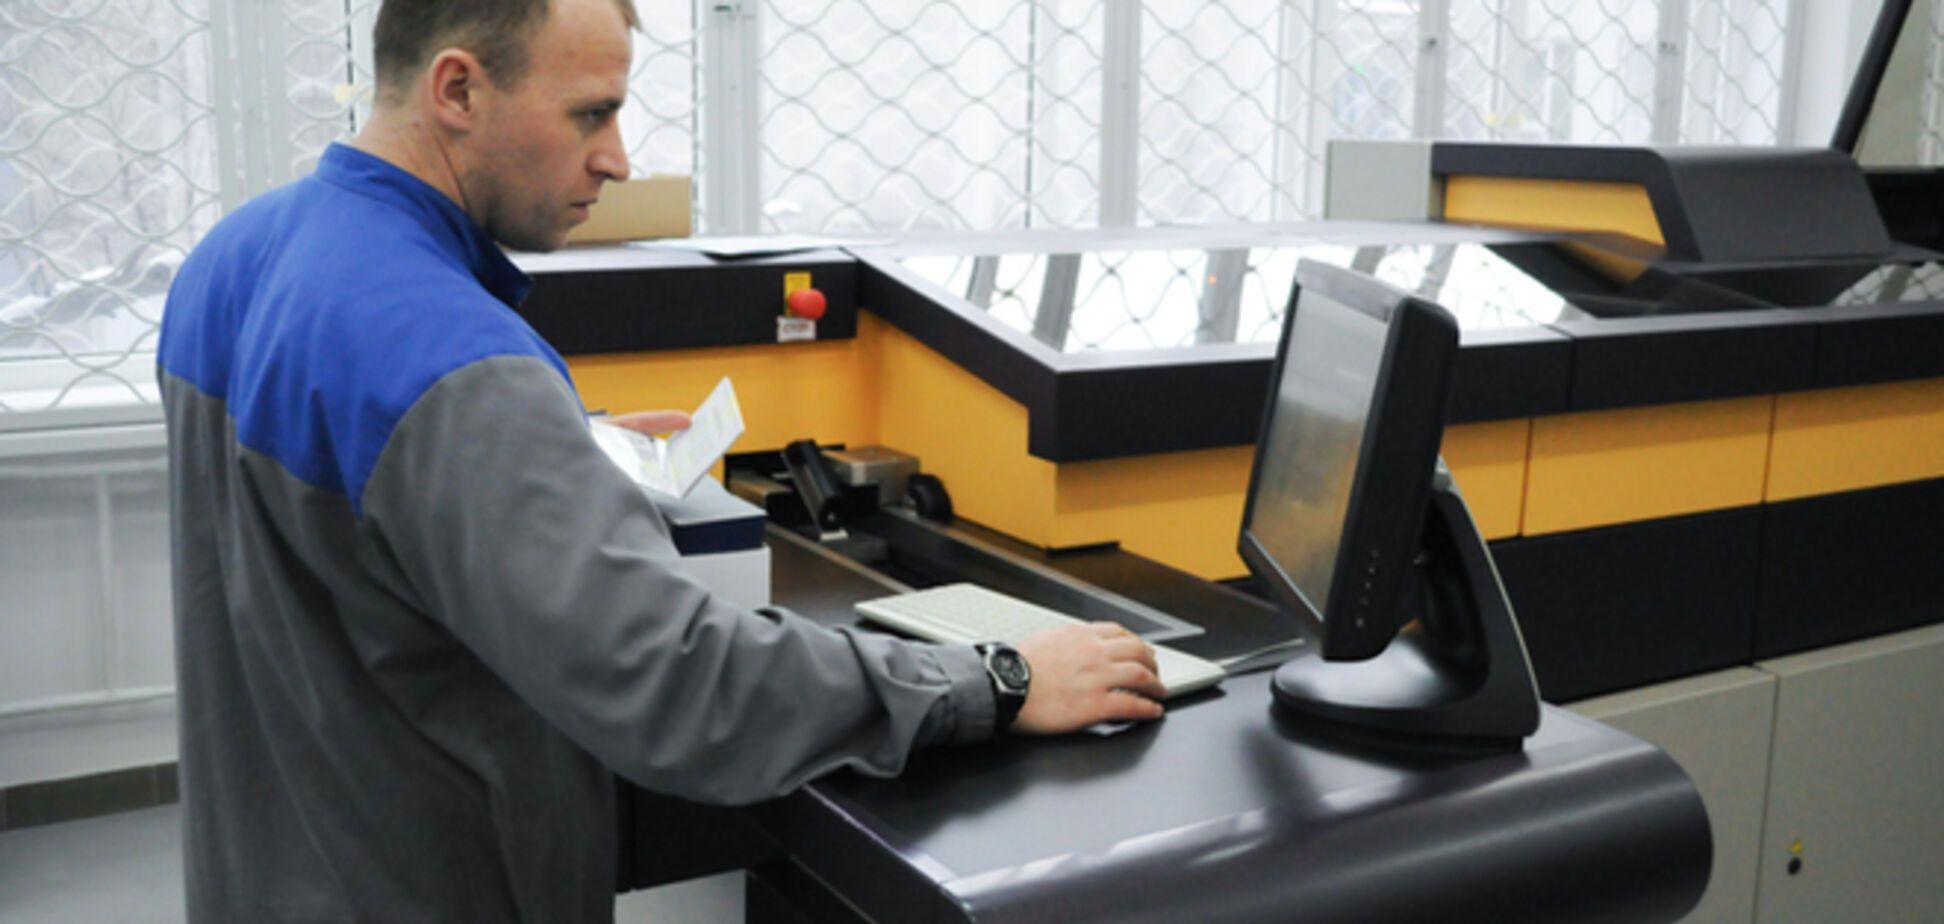 Оформление биометрических паспортов в Украине приостановлено: система зависла на первом же клиенте